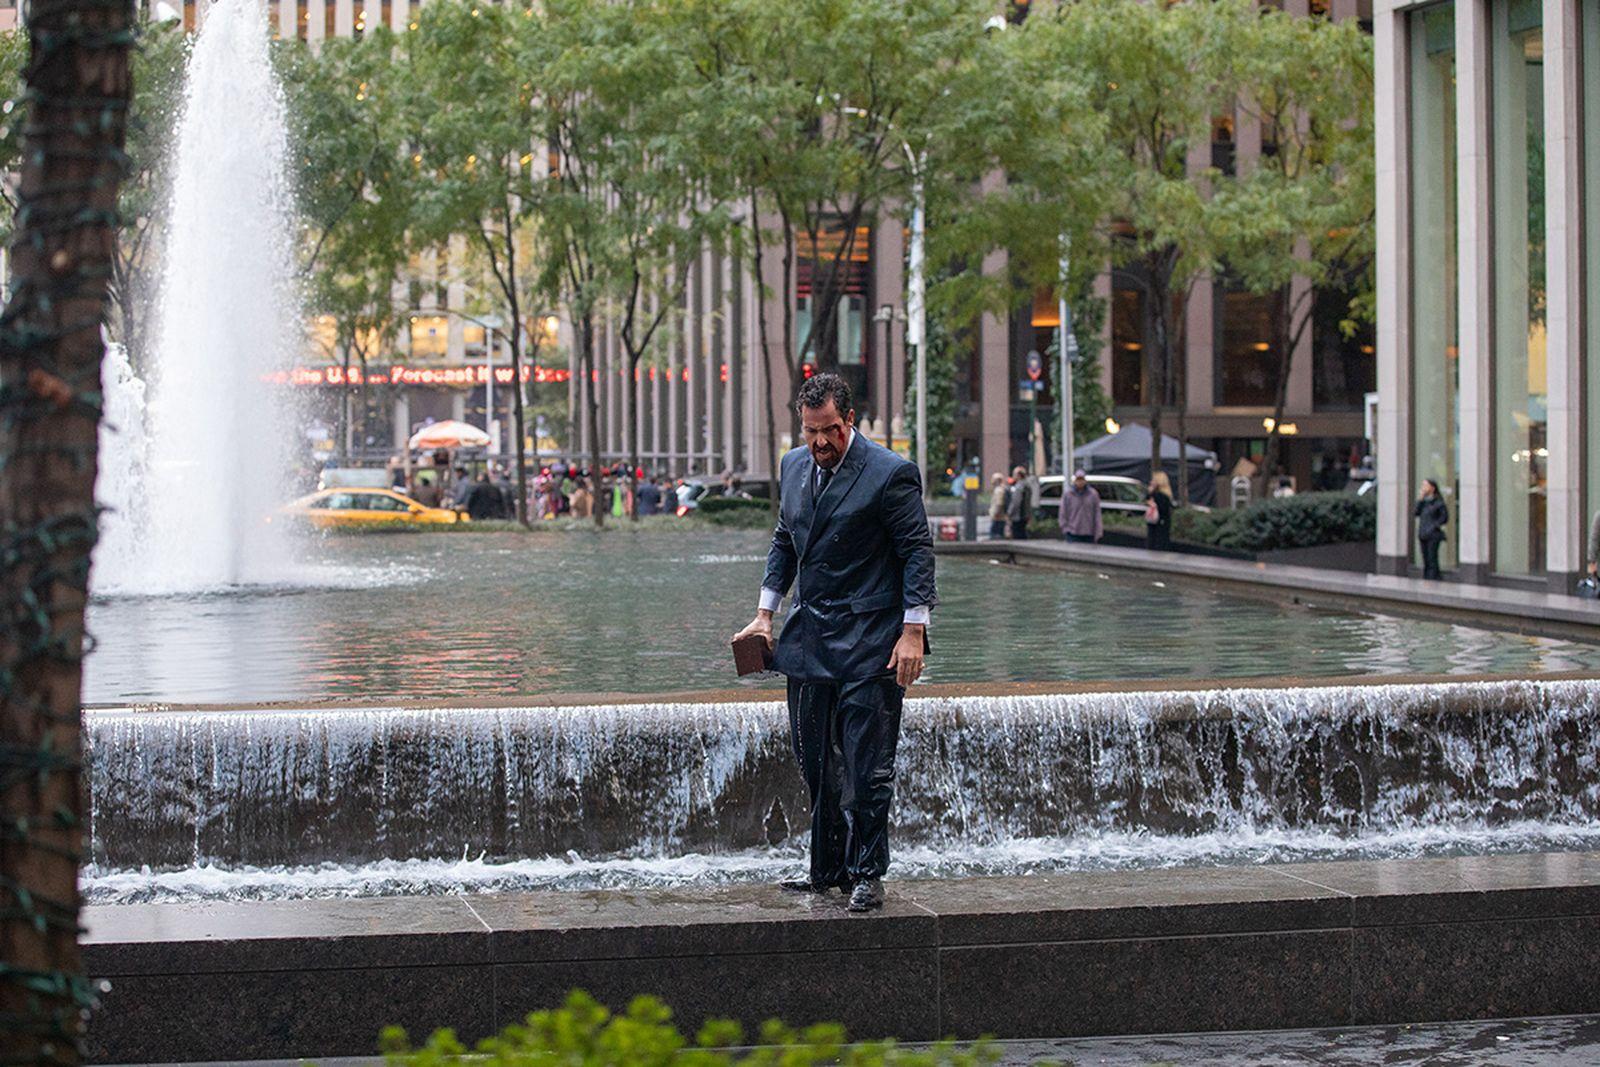 uncut-gems-adam-sandler-suit